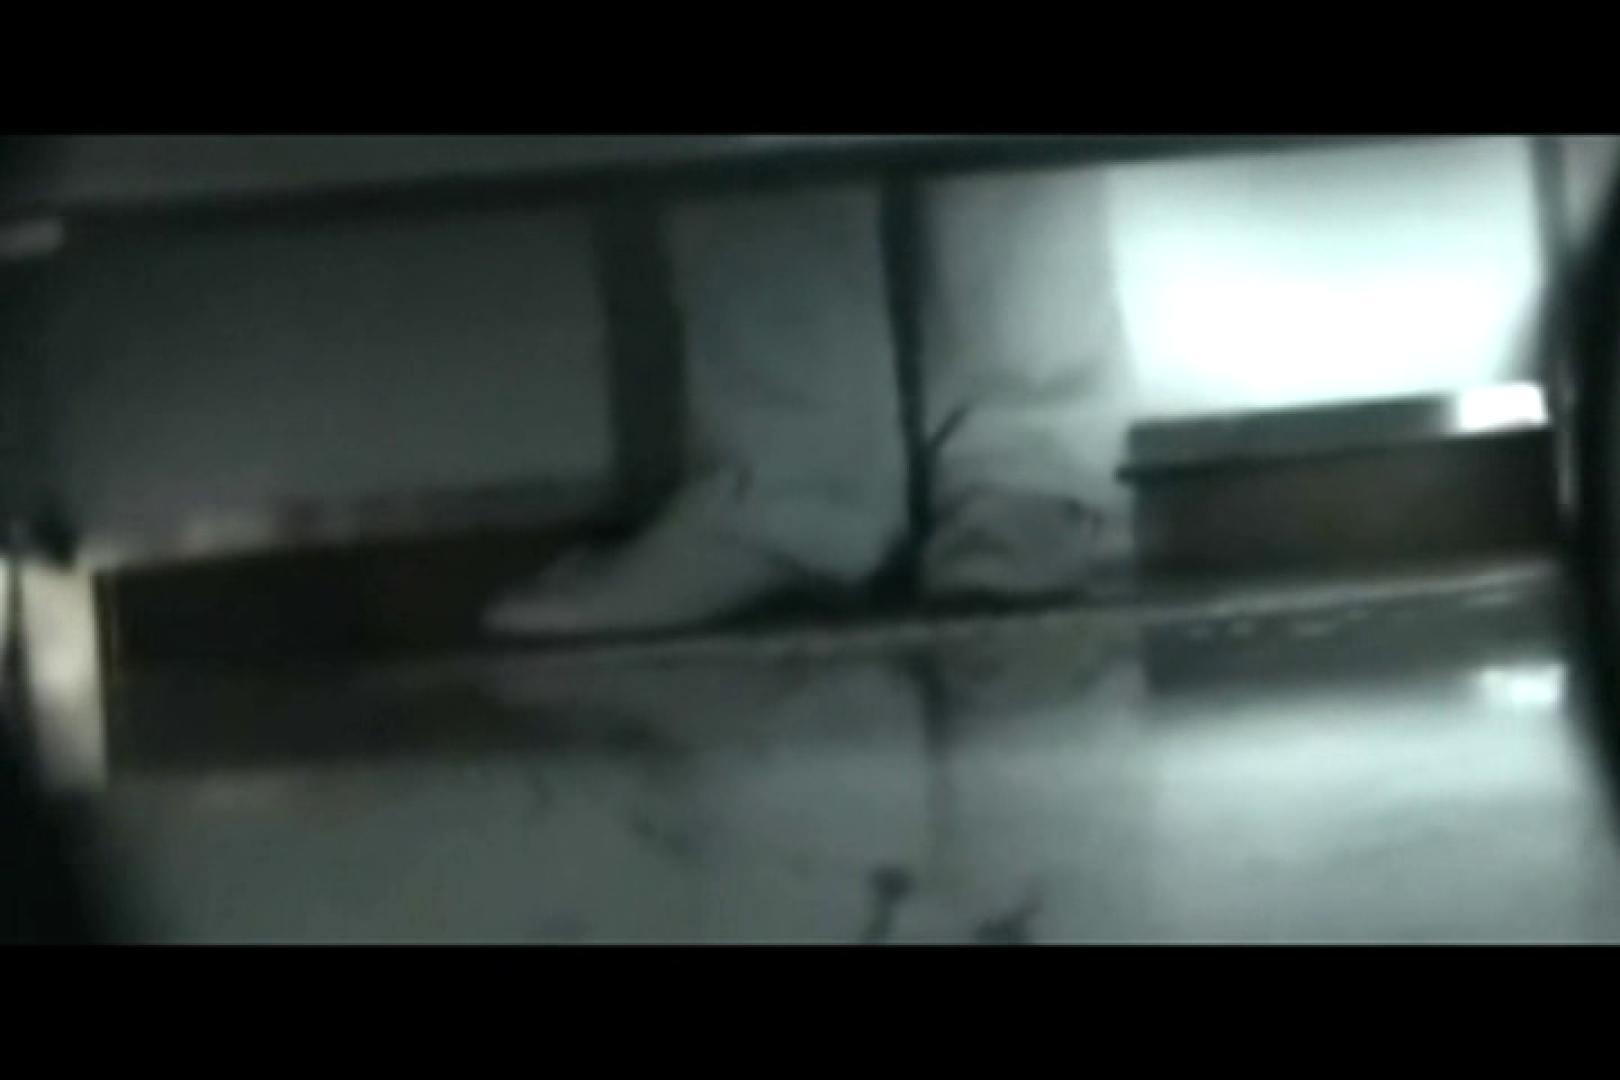 ぼっとん洗面所スペシャルVol.18 おまんこ無修正 | 洗面所  22pic 10